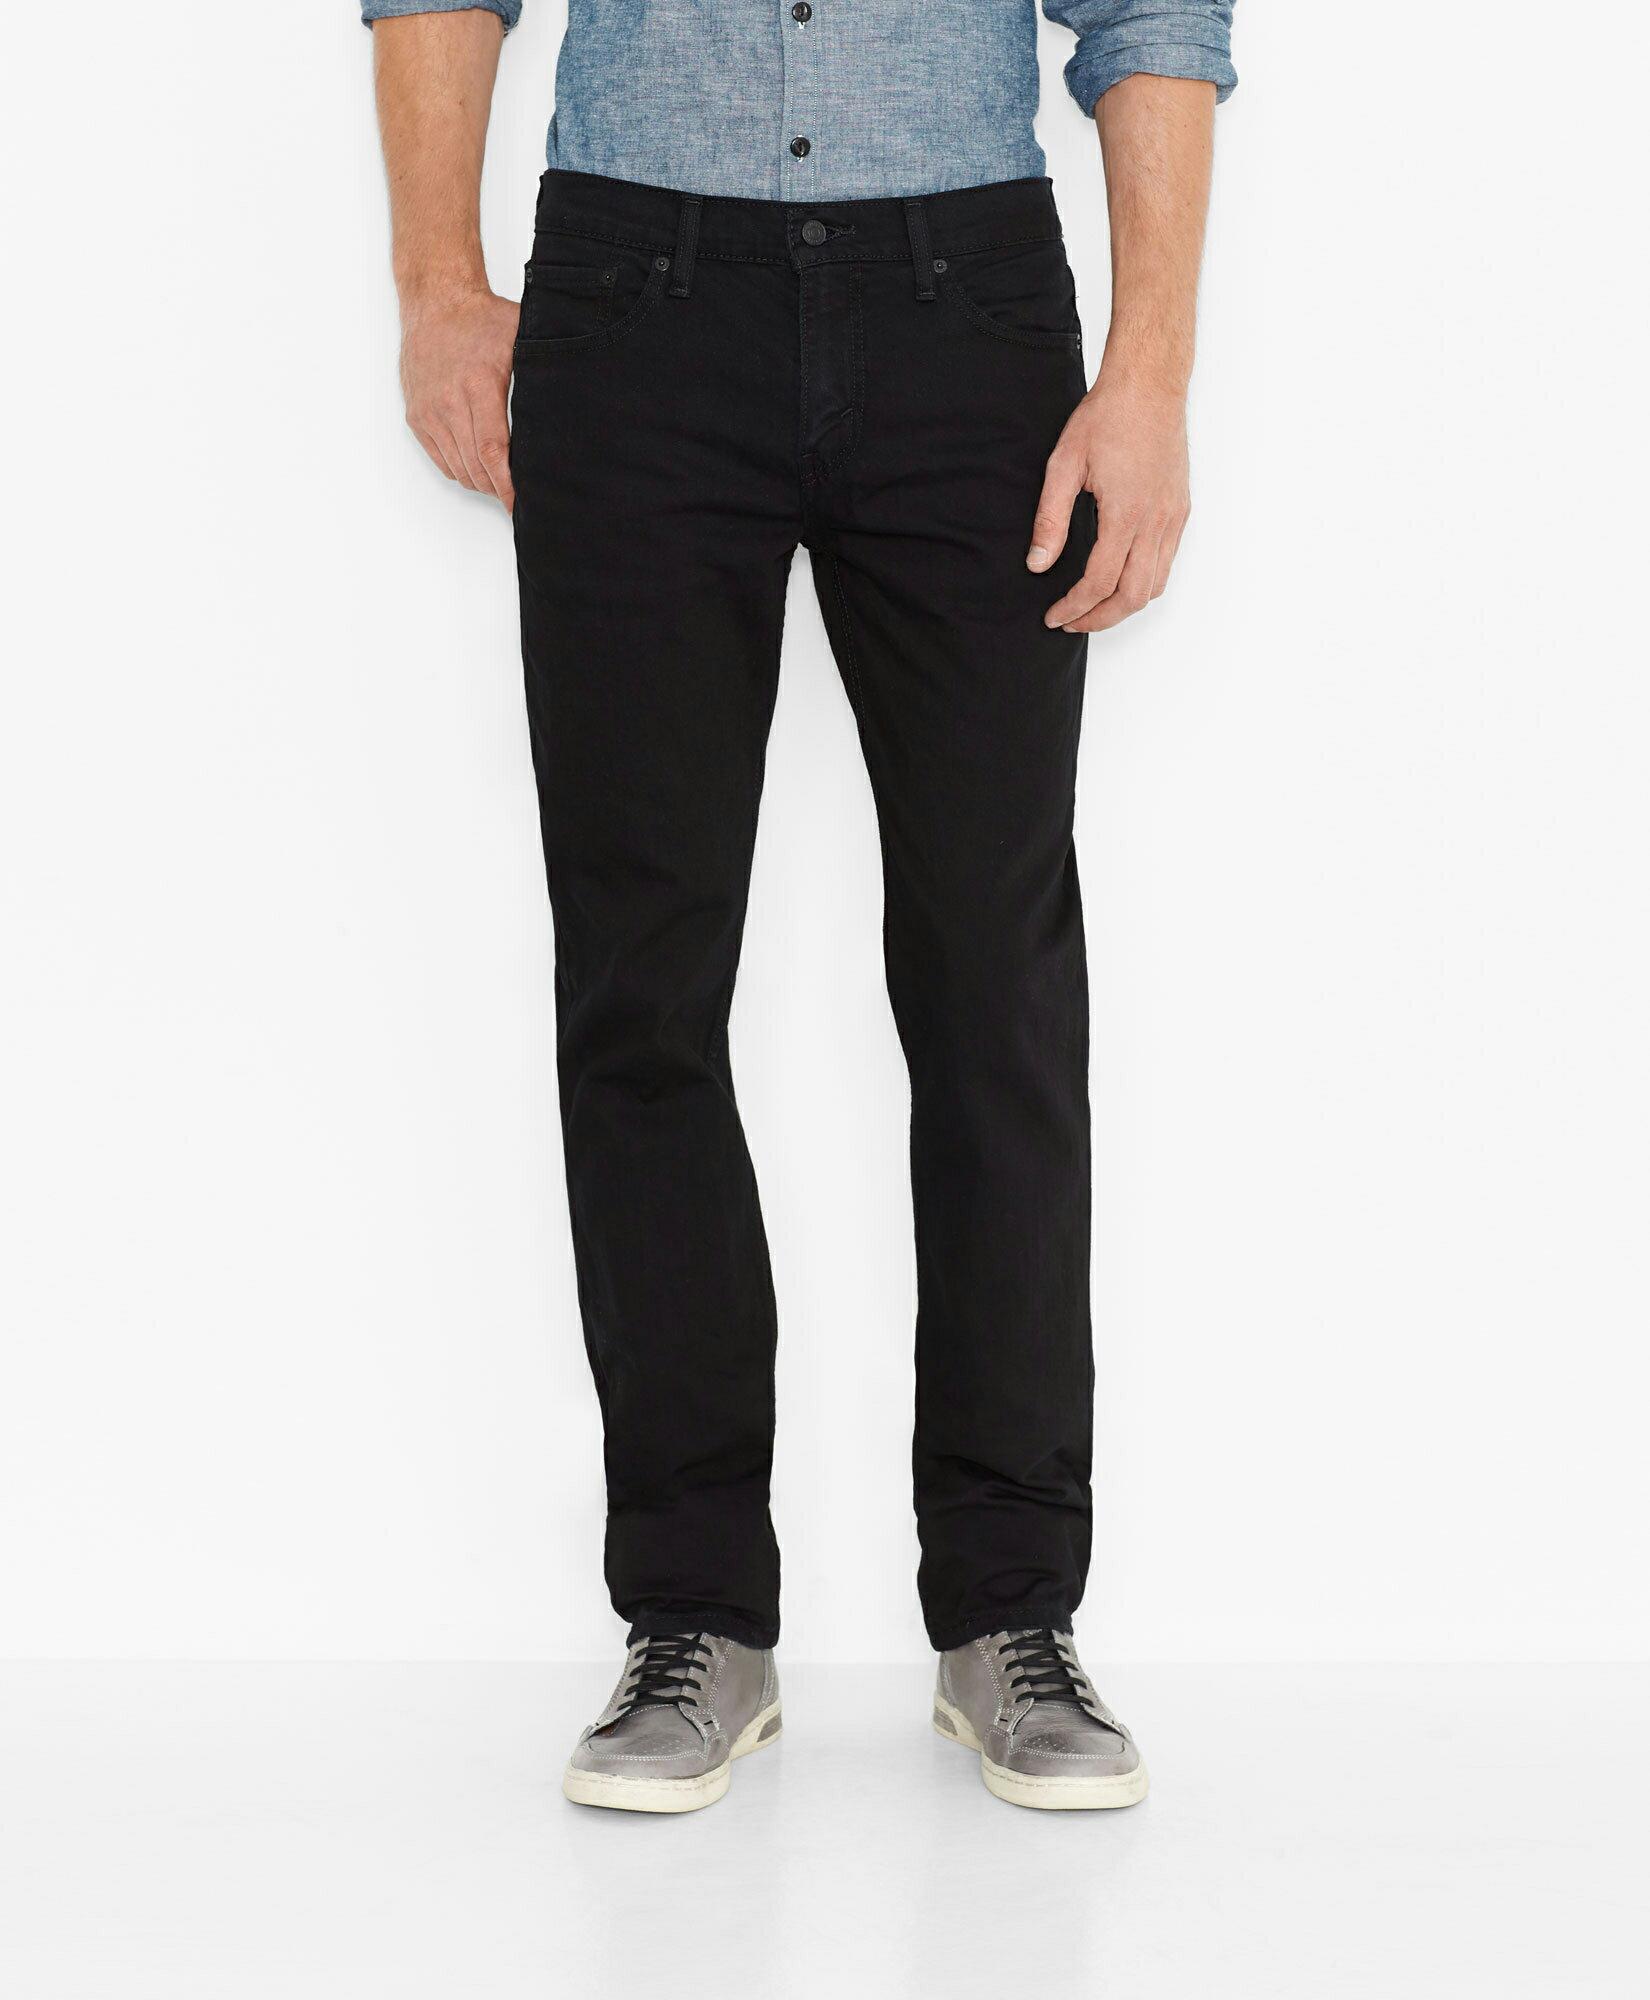 美國百分百【全新真品】Levis 511 Slim Fit 男 牛仔褲 直筒褲 合身 單寧 黑色 30腰 E264